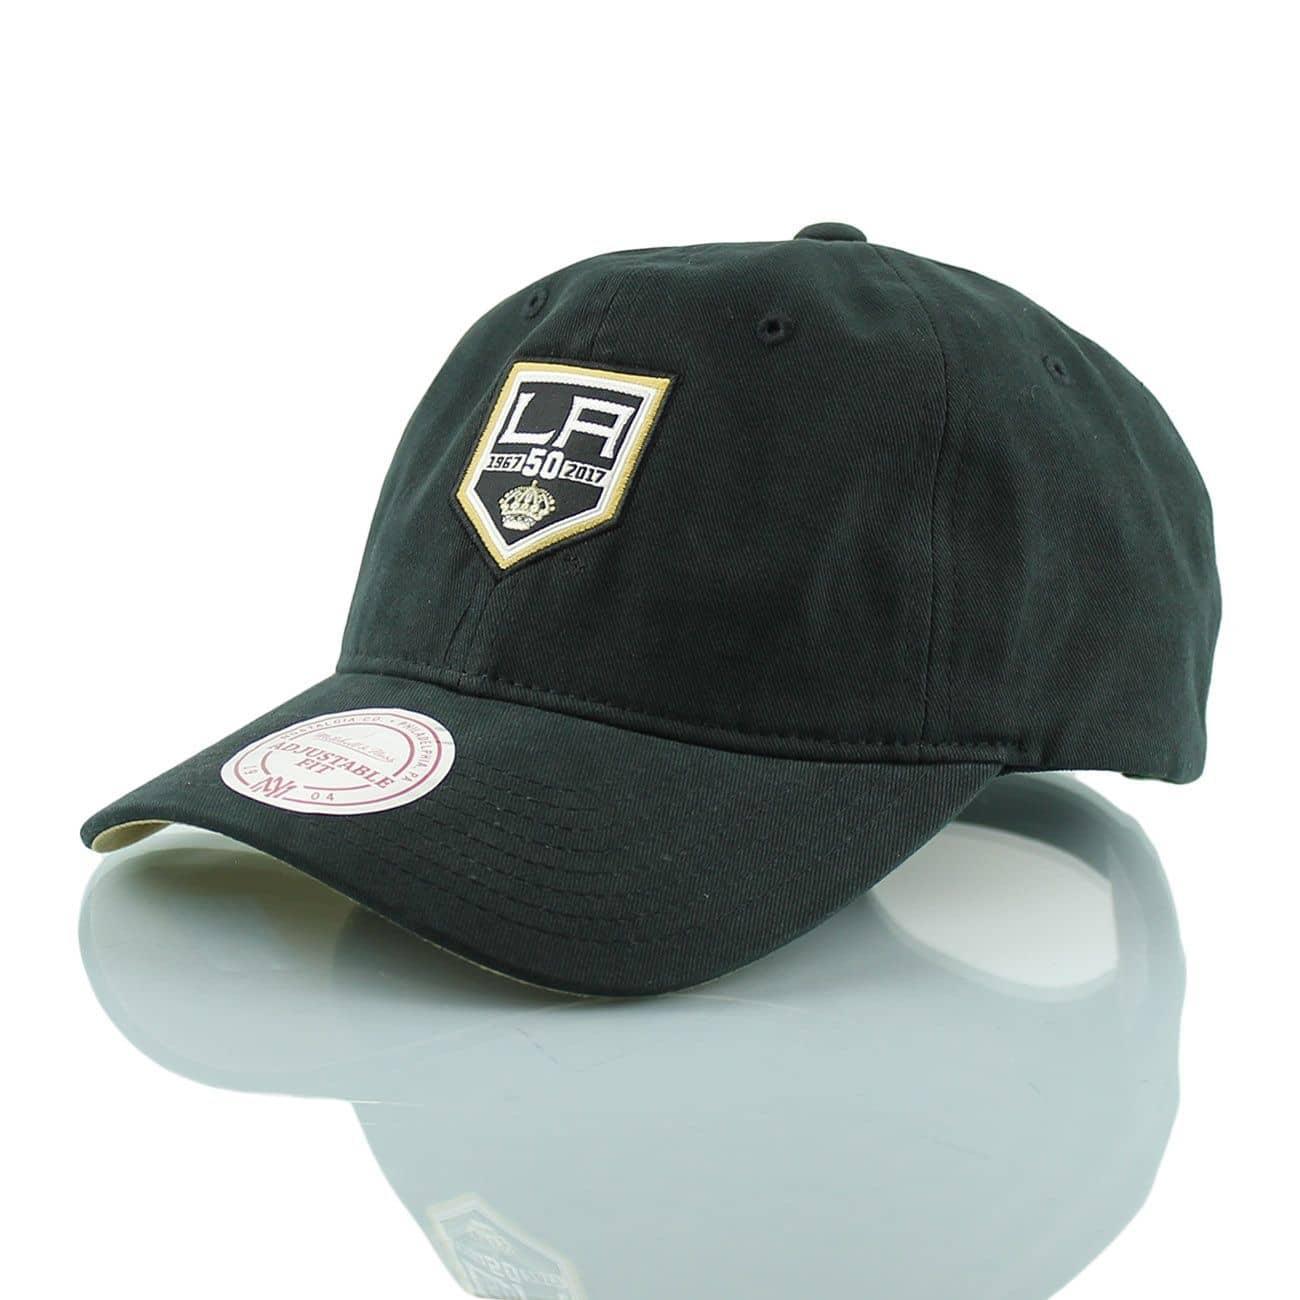 Fanartikel Kings Cap Basecap 47Brand Baseballcap Stronaut stretch Weitere Wintersportarten NHL Los Angeles L.A